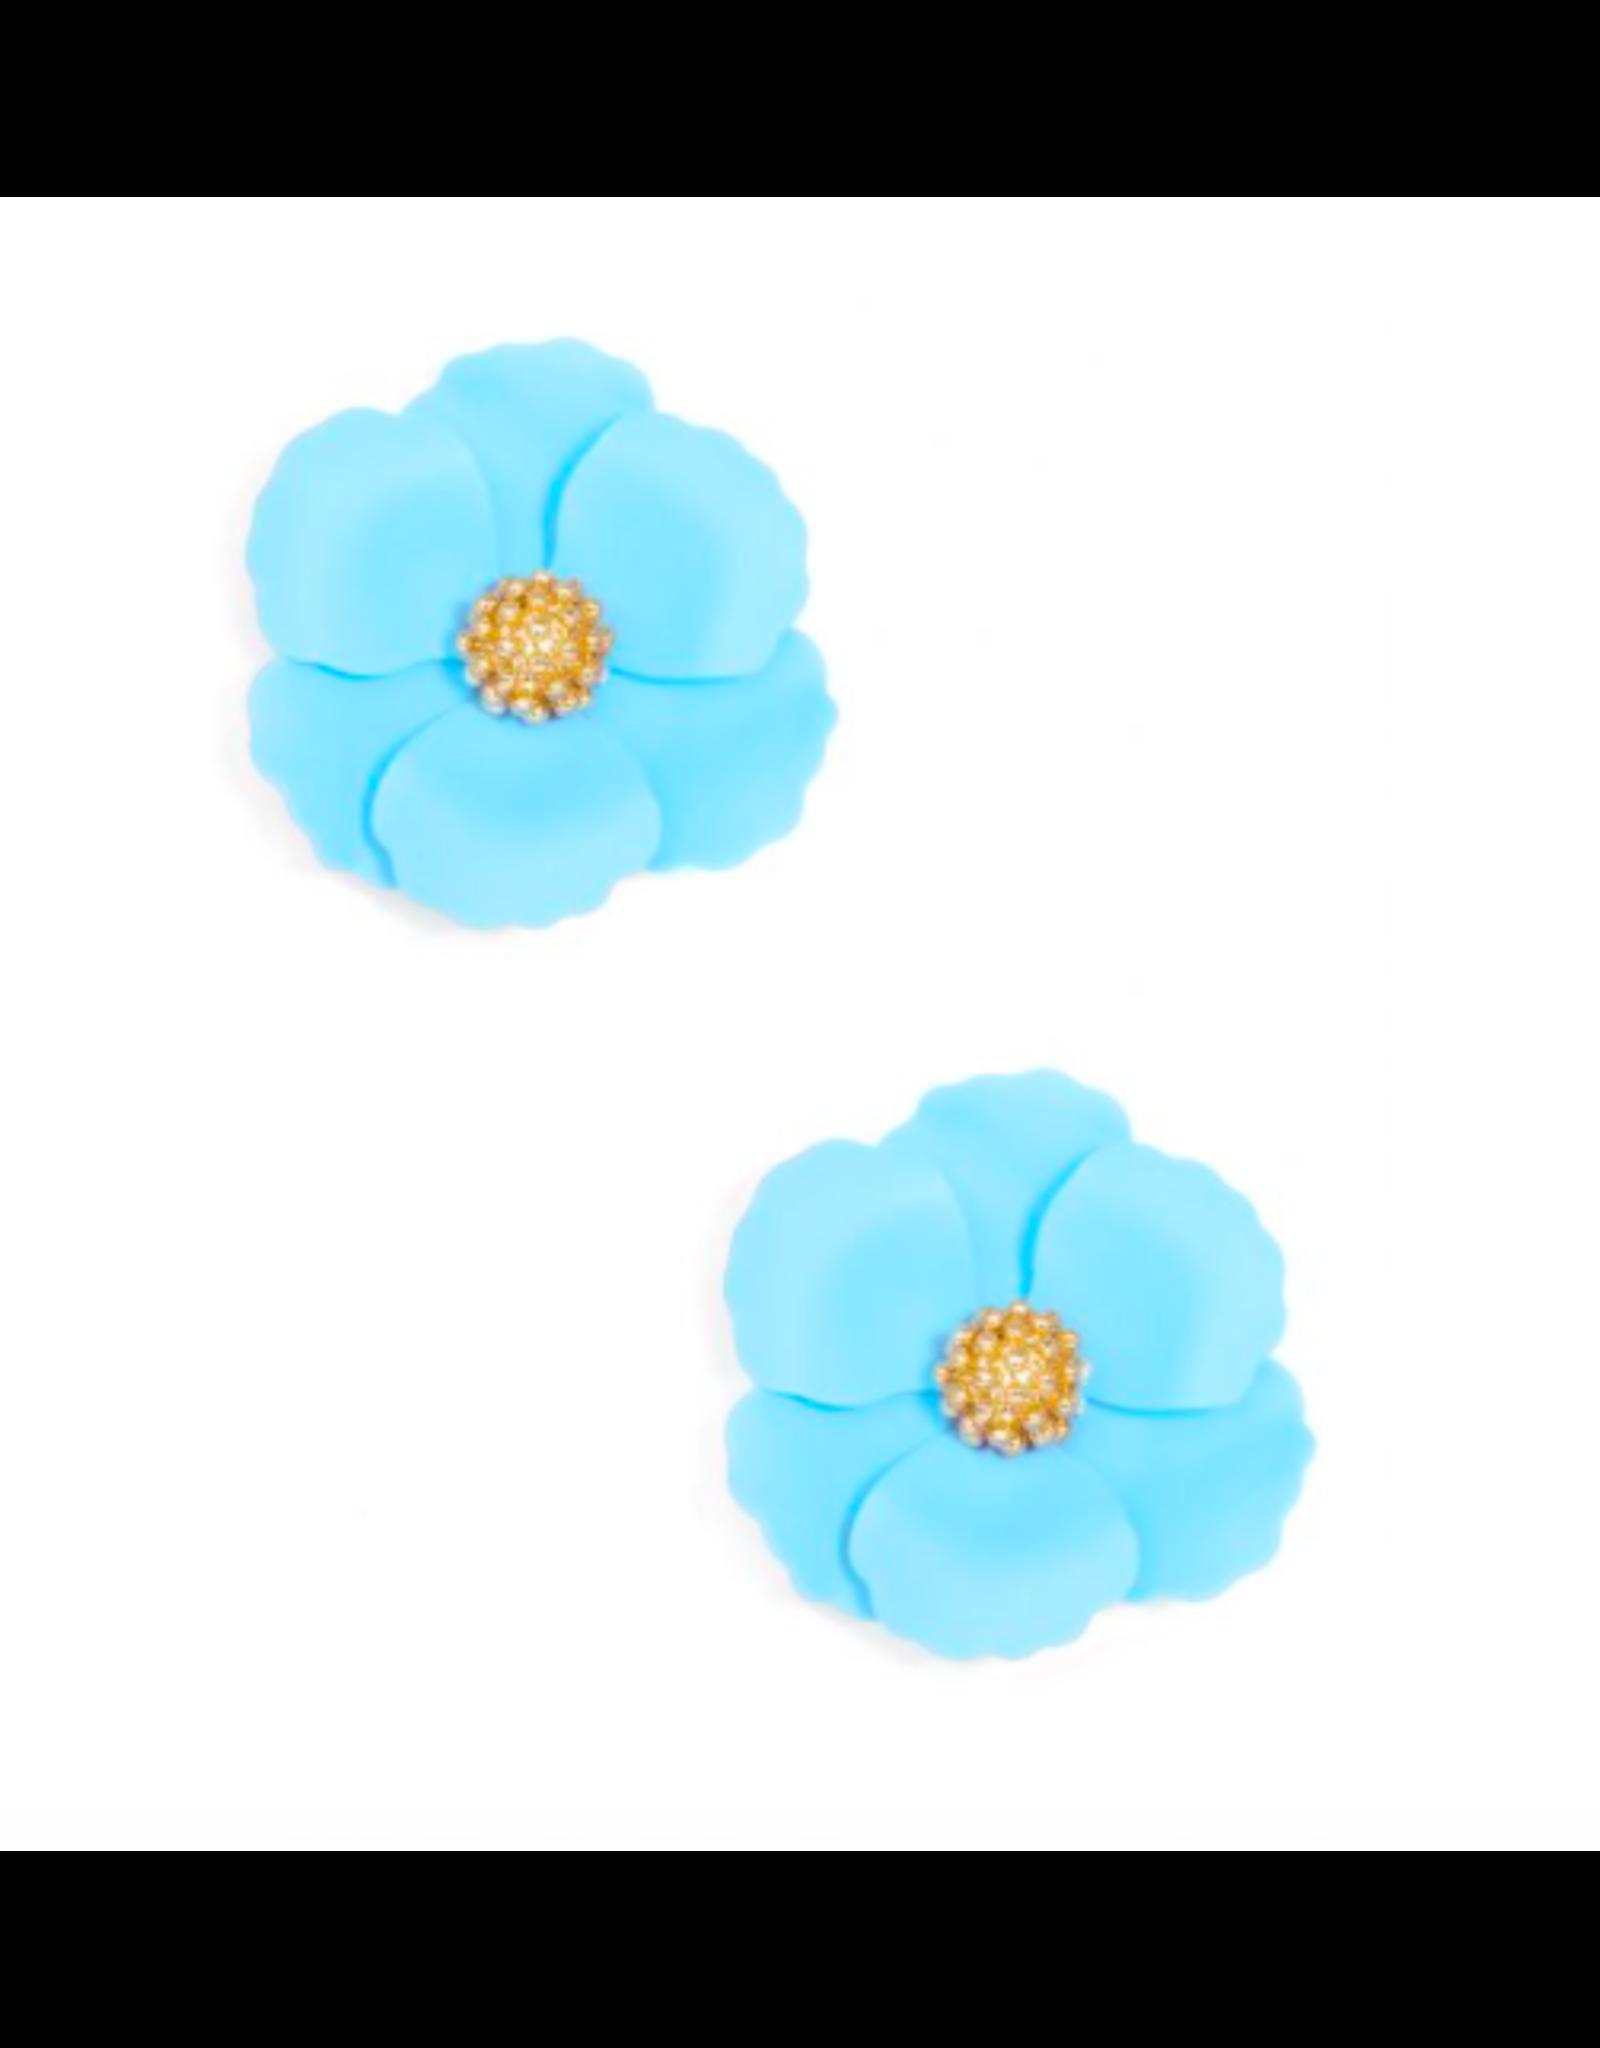 Zenzii Metal Floral Stud Earring in Light Blue